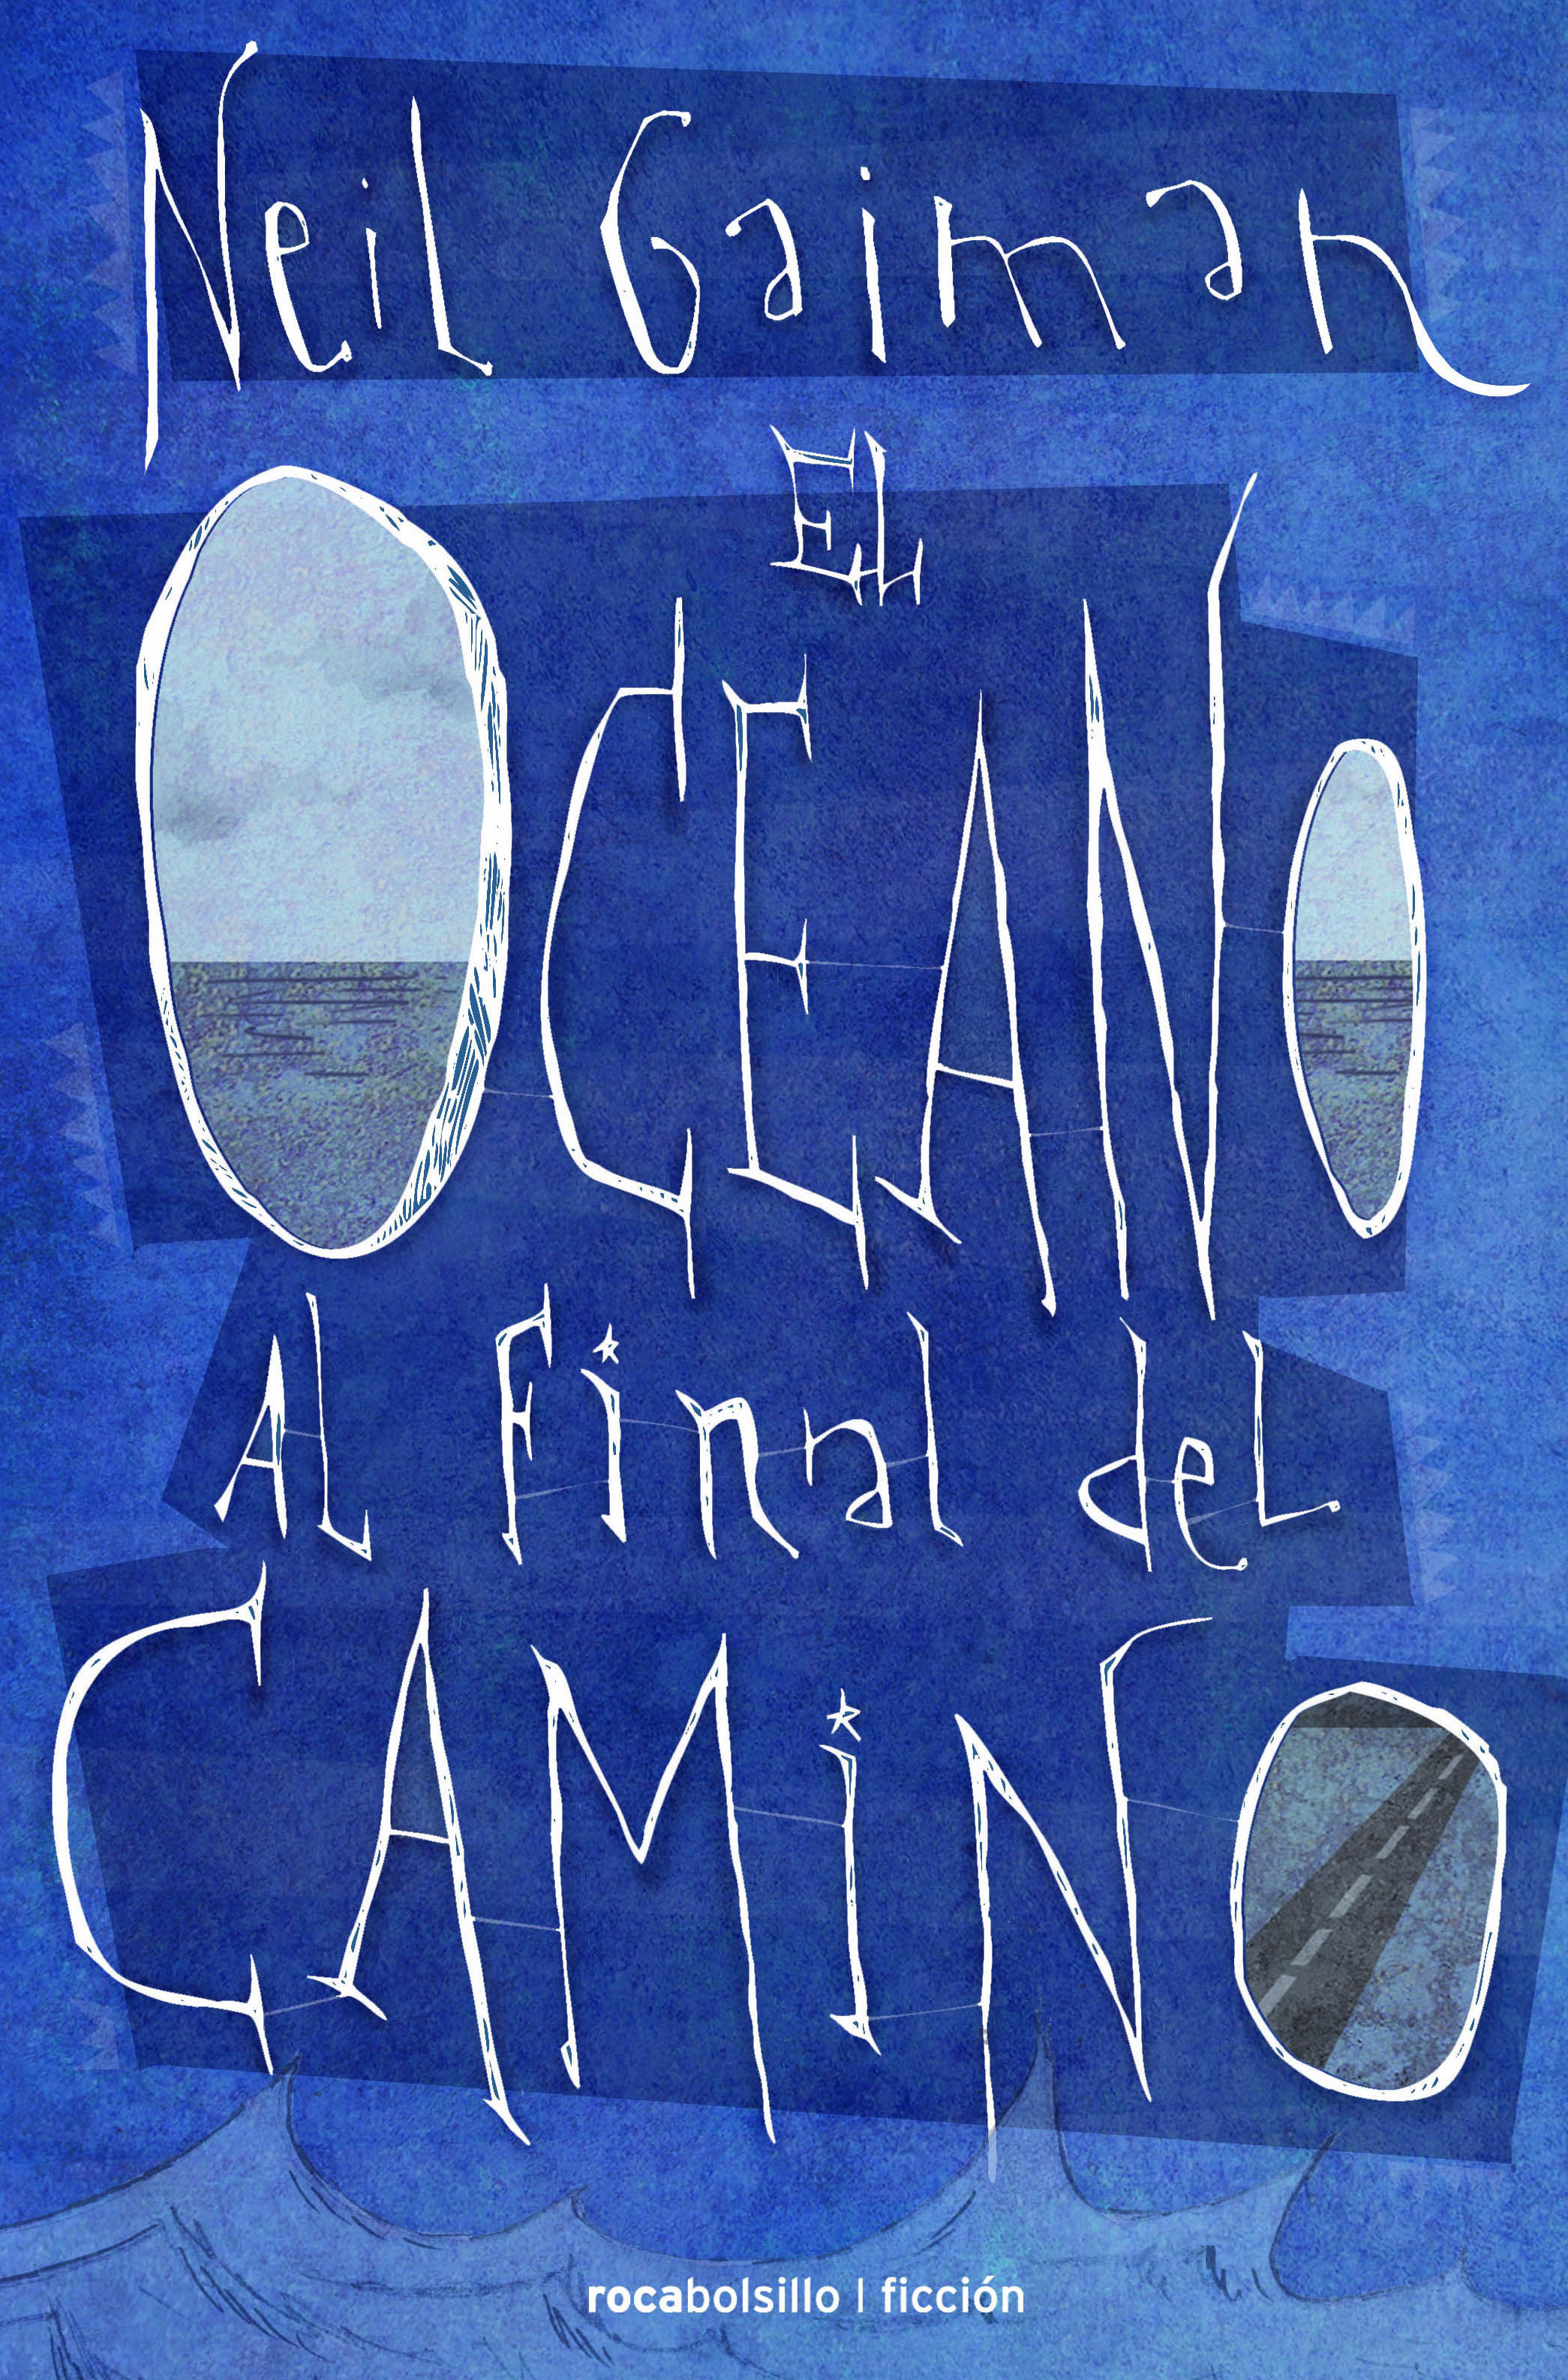 Resultado de imagen para el oceano al final del camino